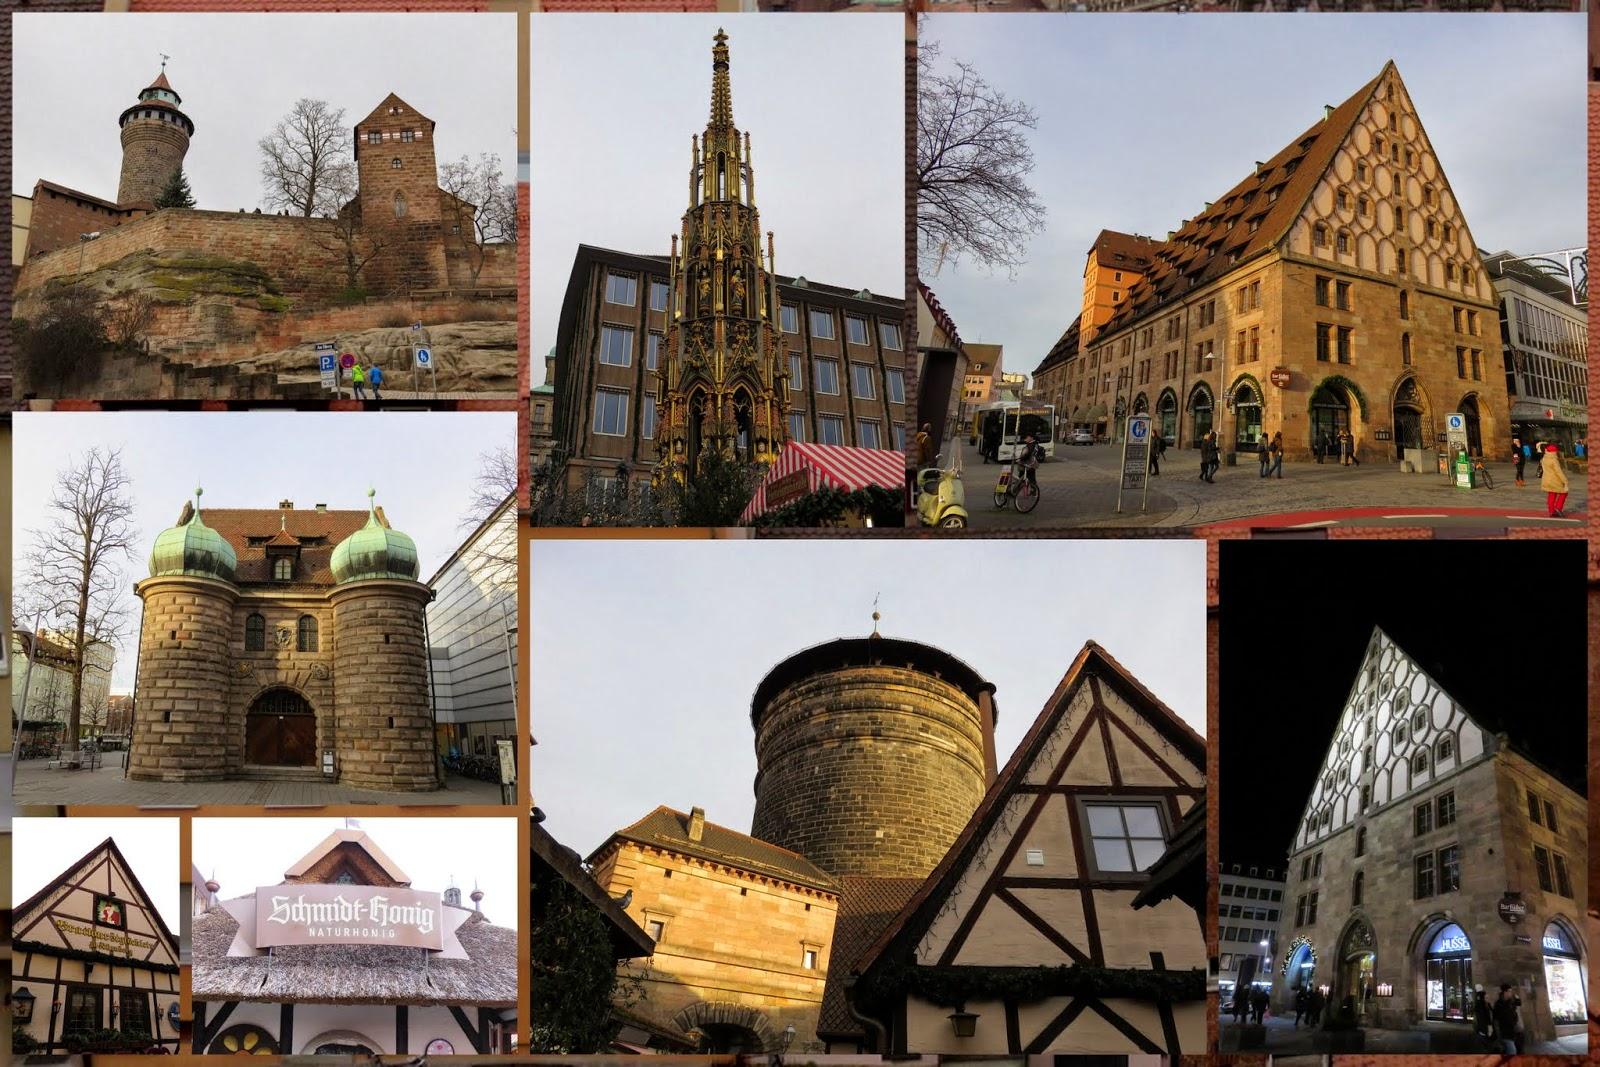 Nuremberg Christmas Market - Medieval Atmosphere